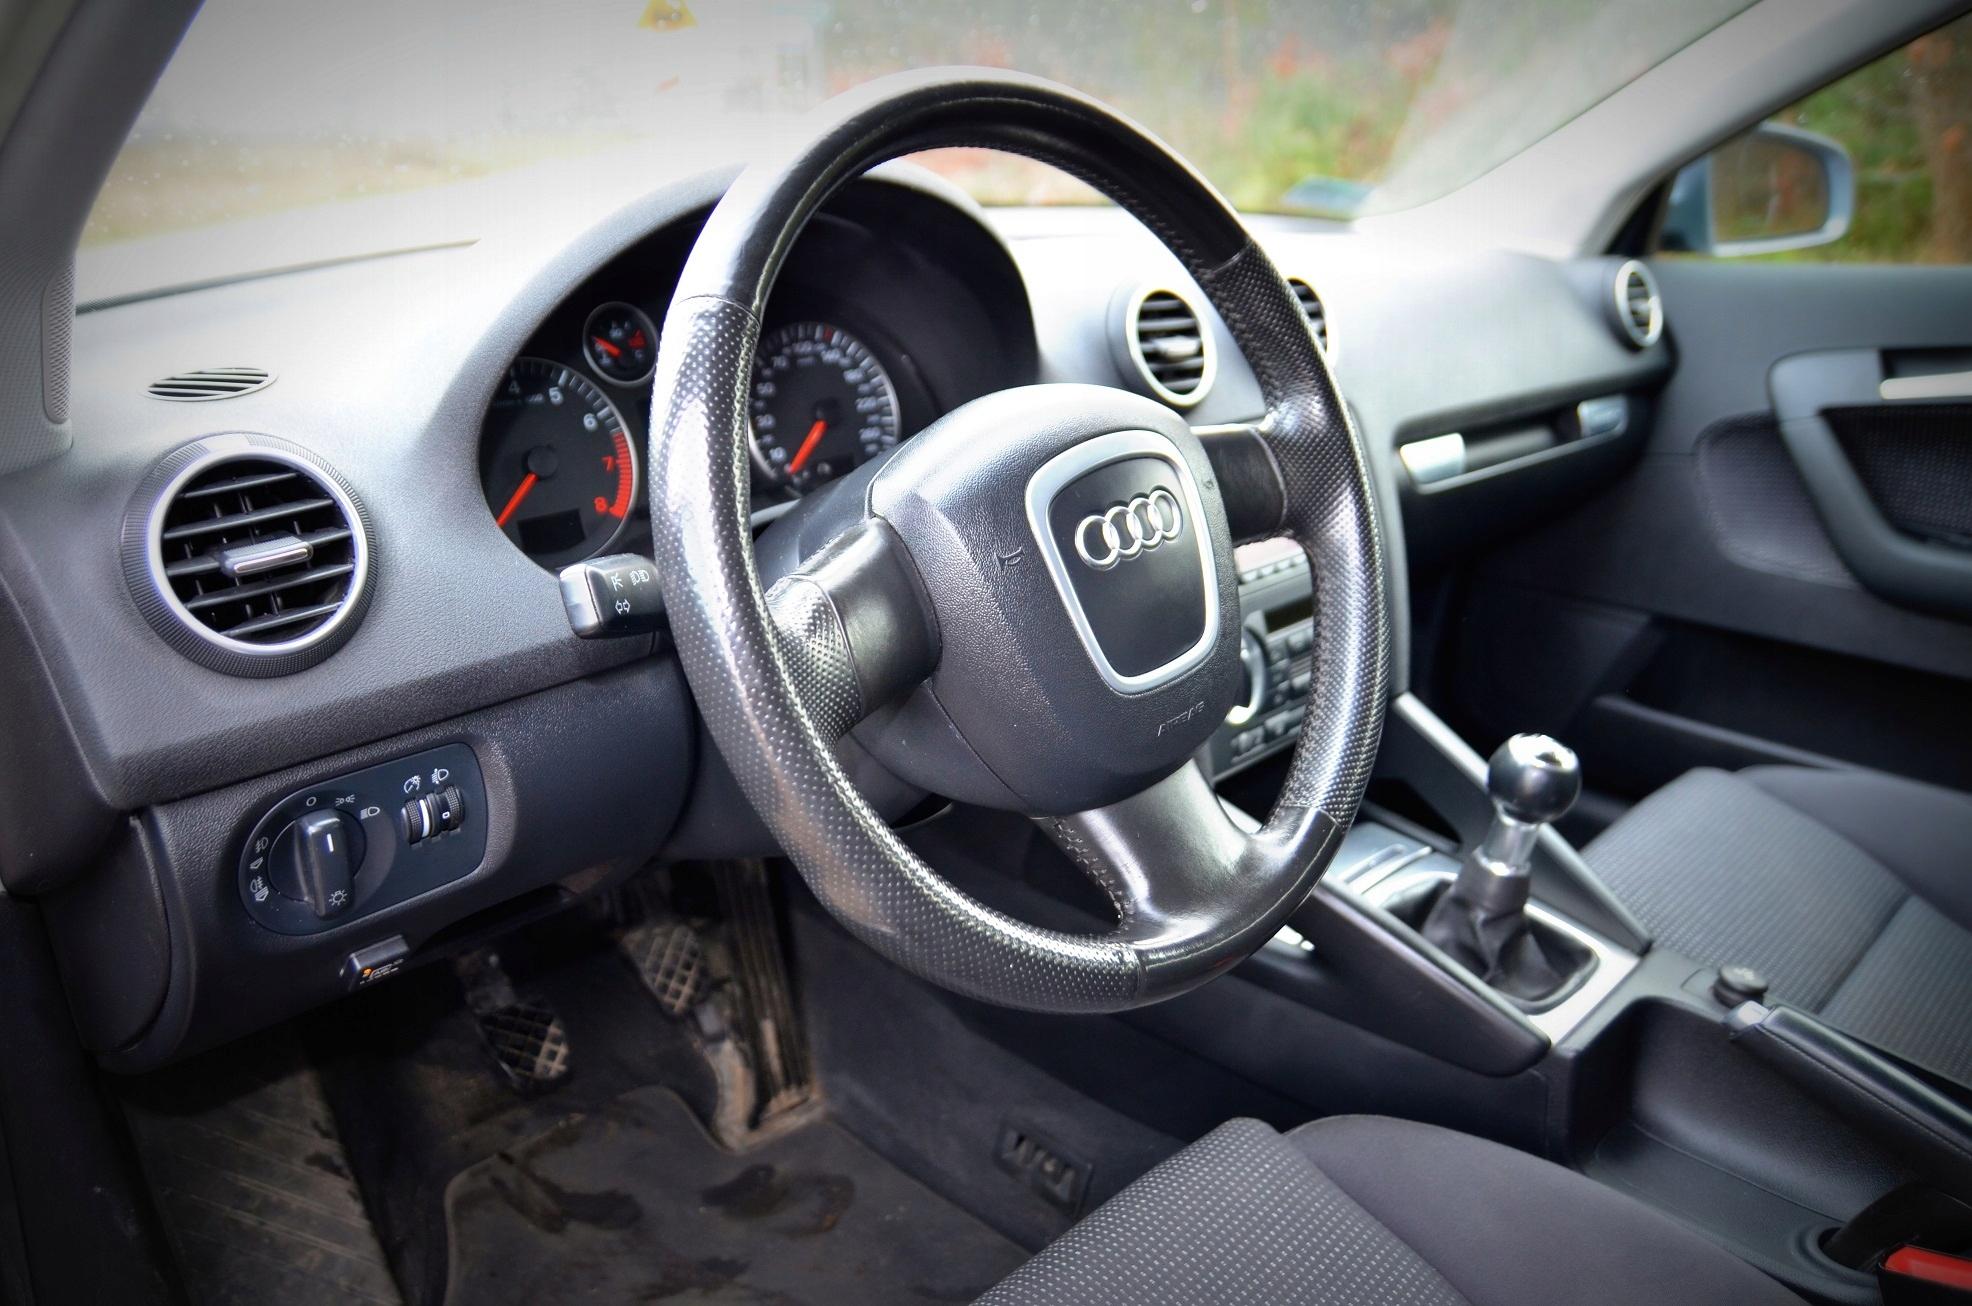 Audi A3 8p Sportback Quattro Nowy Gaz Tfsi 200km 7772494834